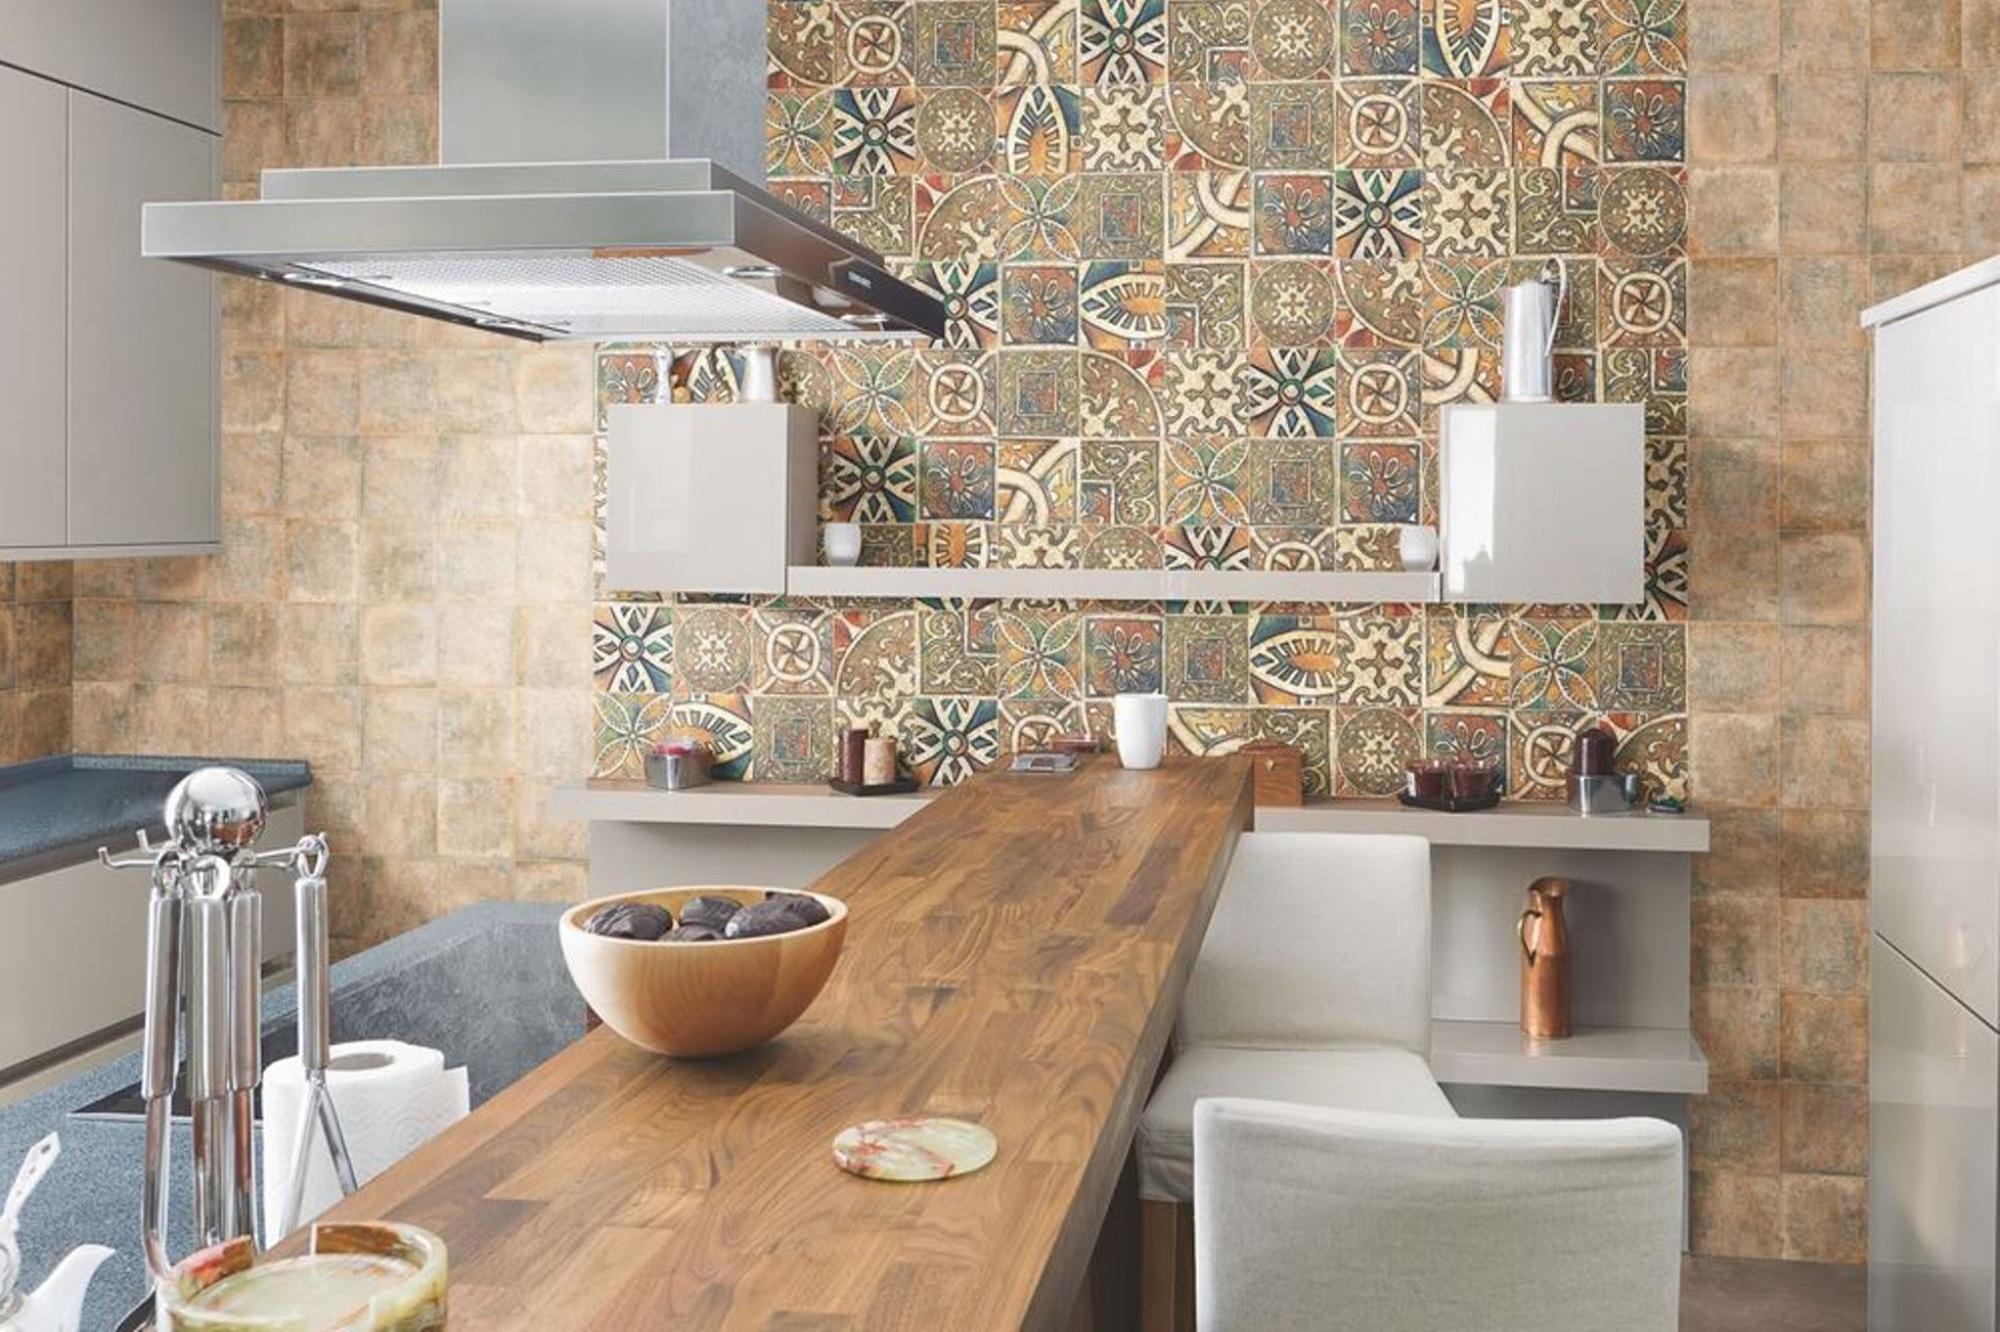 Комбинирование узорчатой и однотонной плитки на кухне